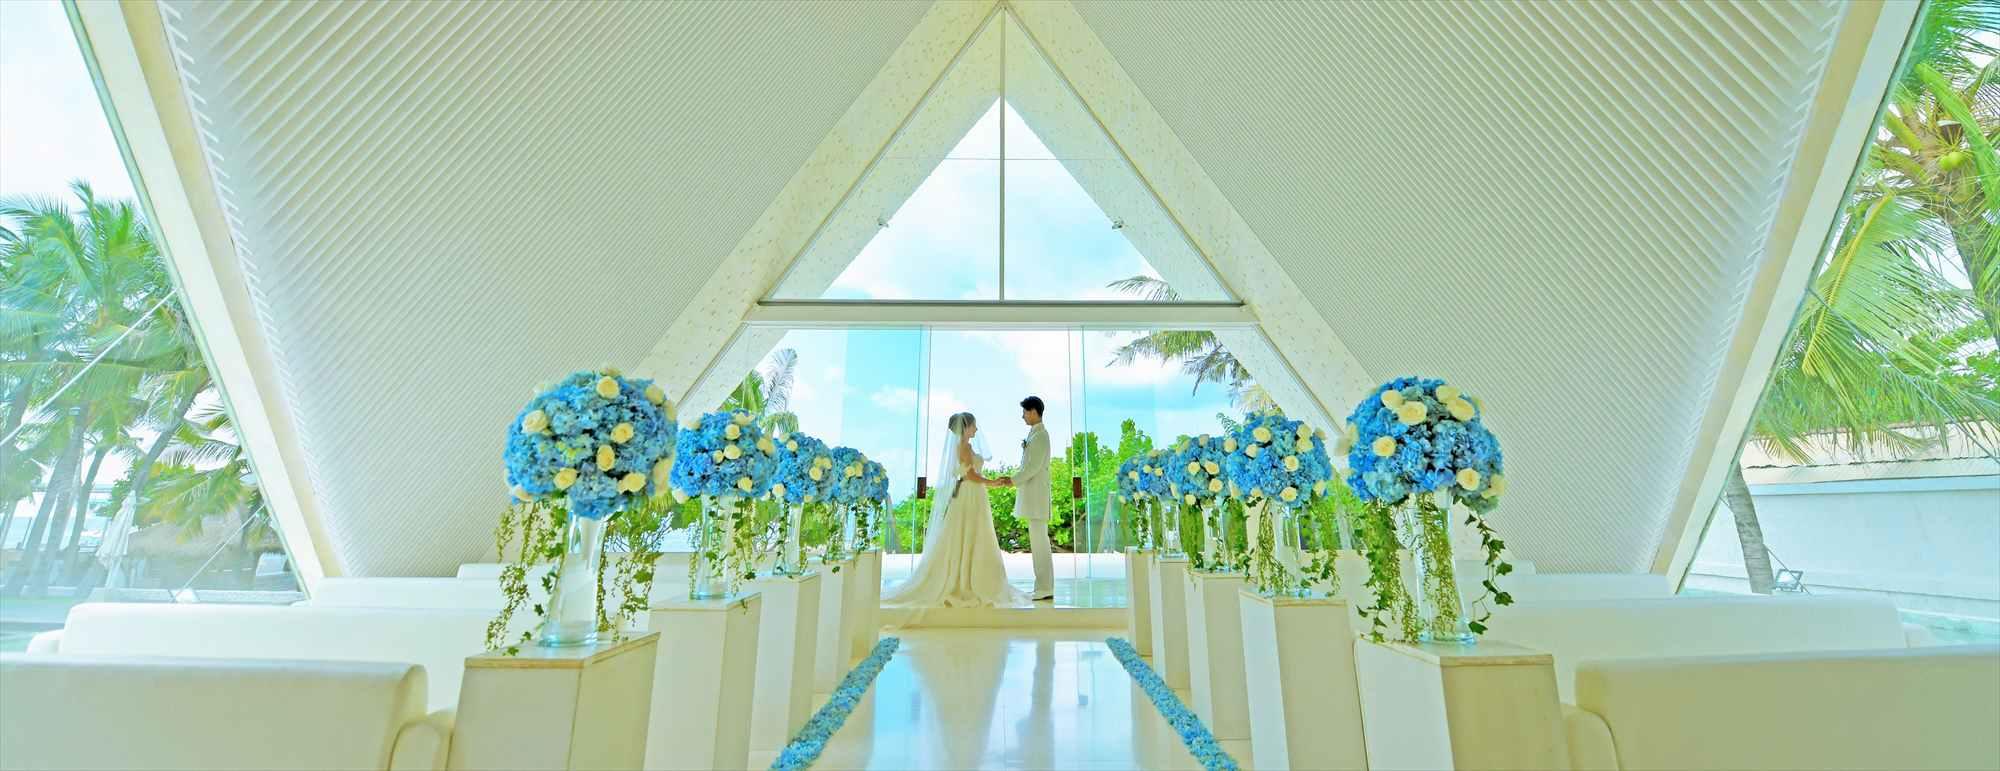 バリ島チャペル・ウェディング ウル・シャンティ・チャペル挙式 Ulu Shanti Chapel Wedding